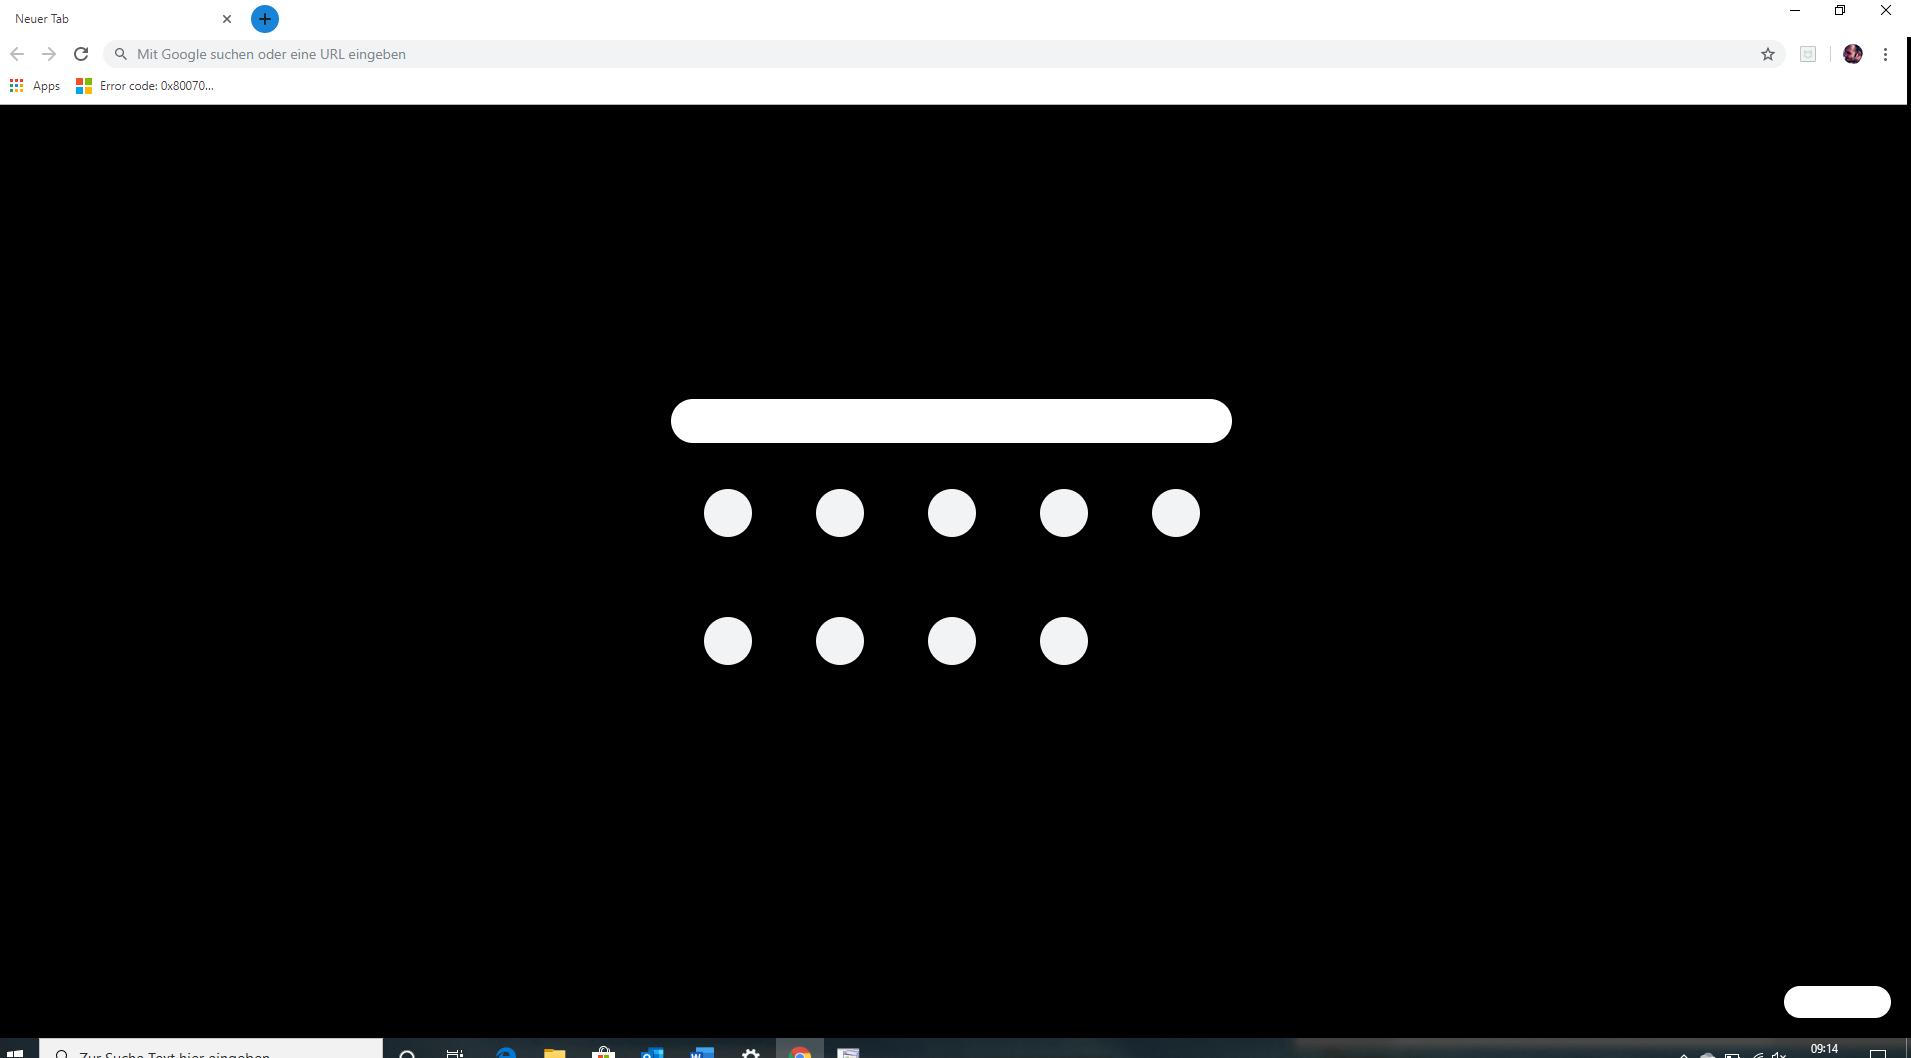 Darstellungsprobleme nach aktuellen Windows 10 Updates